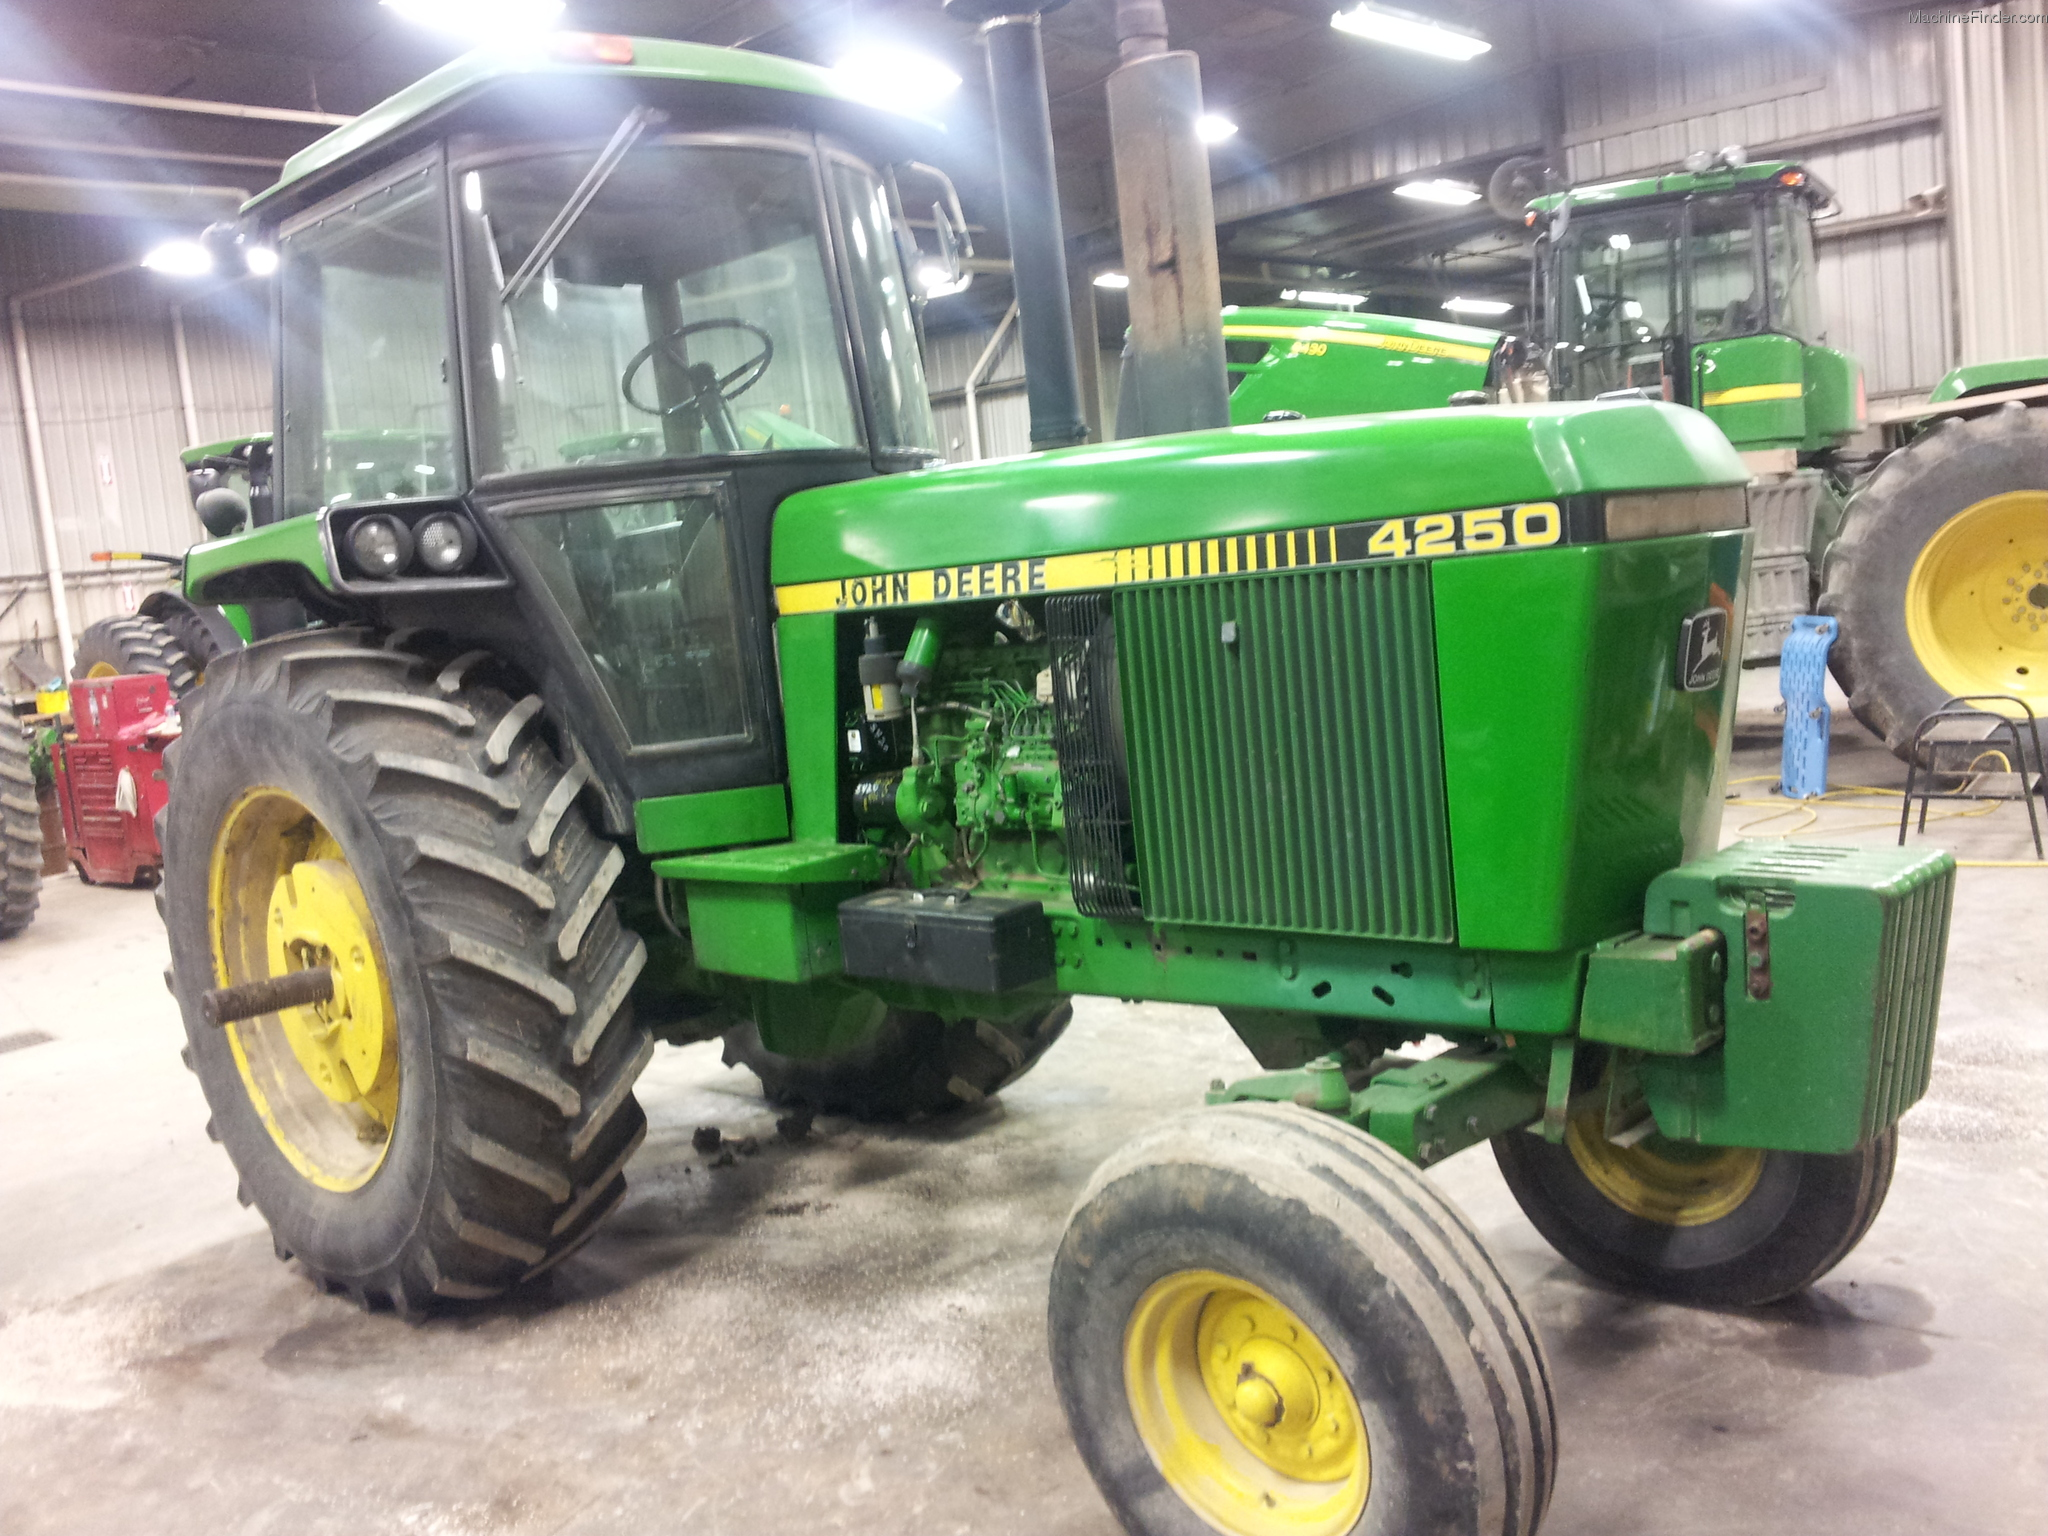 1988 John Deere 4250 Tractors - Row Crop (+100hp) - John ...